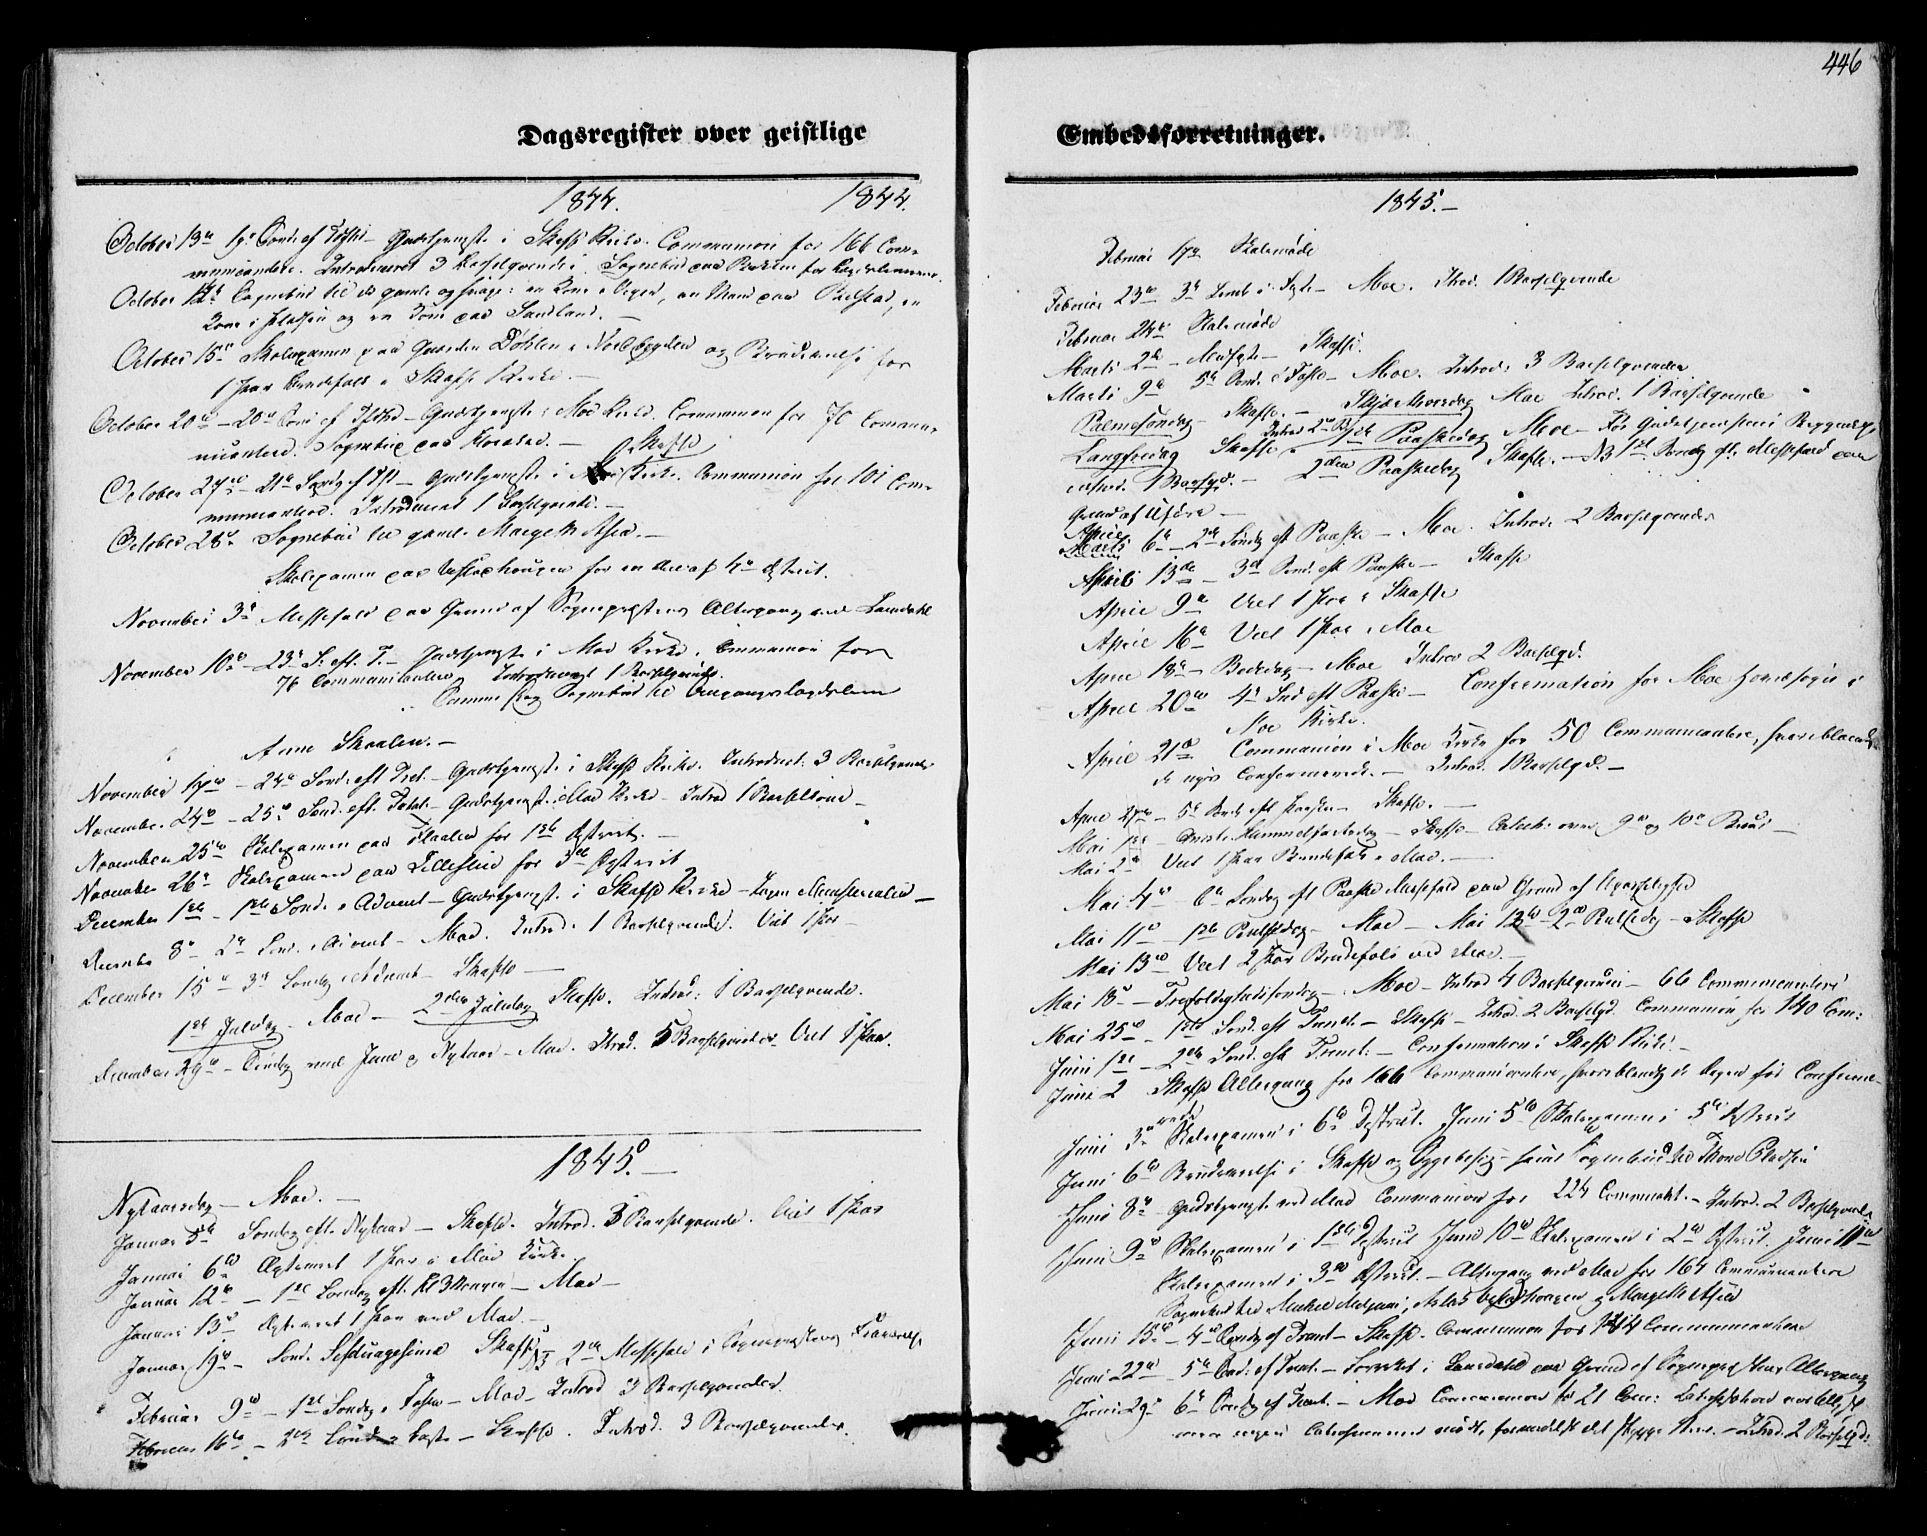 SAKO, Mo kirkebøker, F/Fa/L0005: Ministerialbok nr. I 5, 1844-1864, s. 446